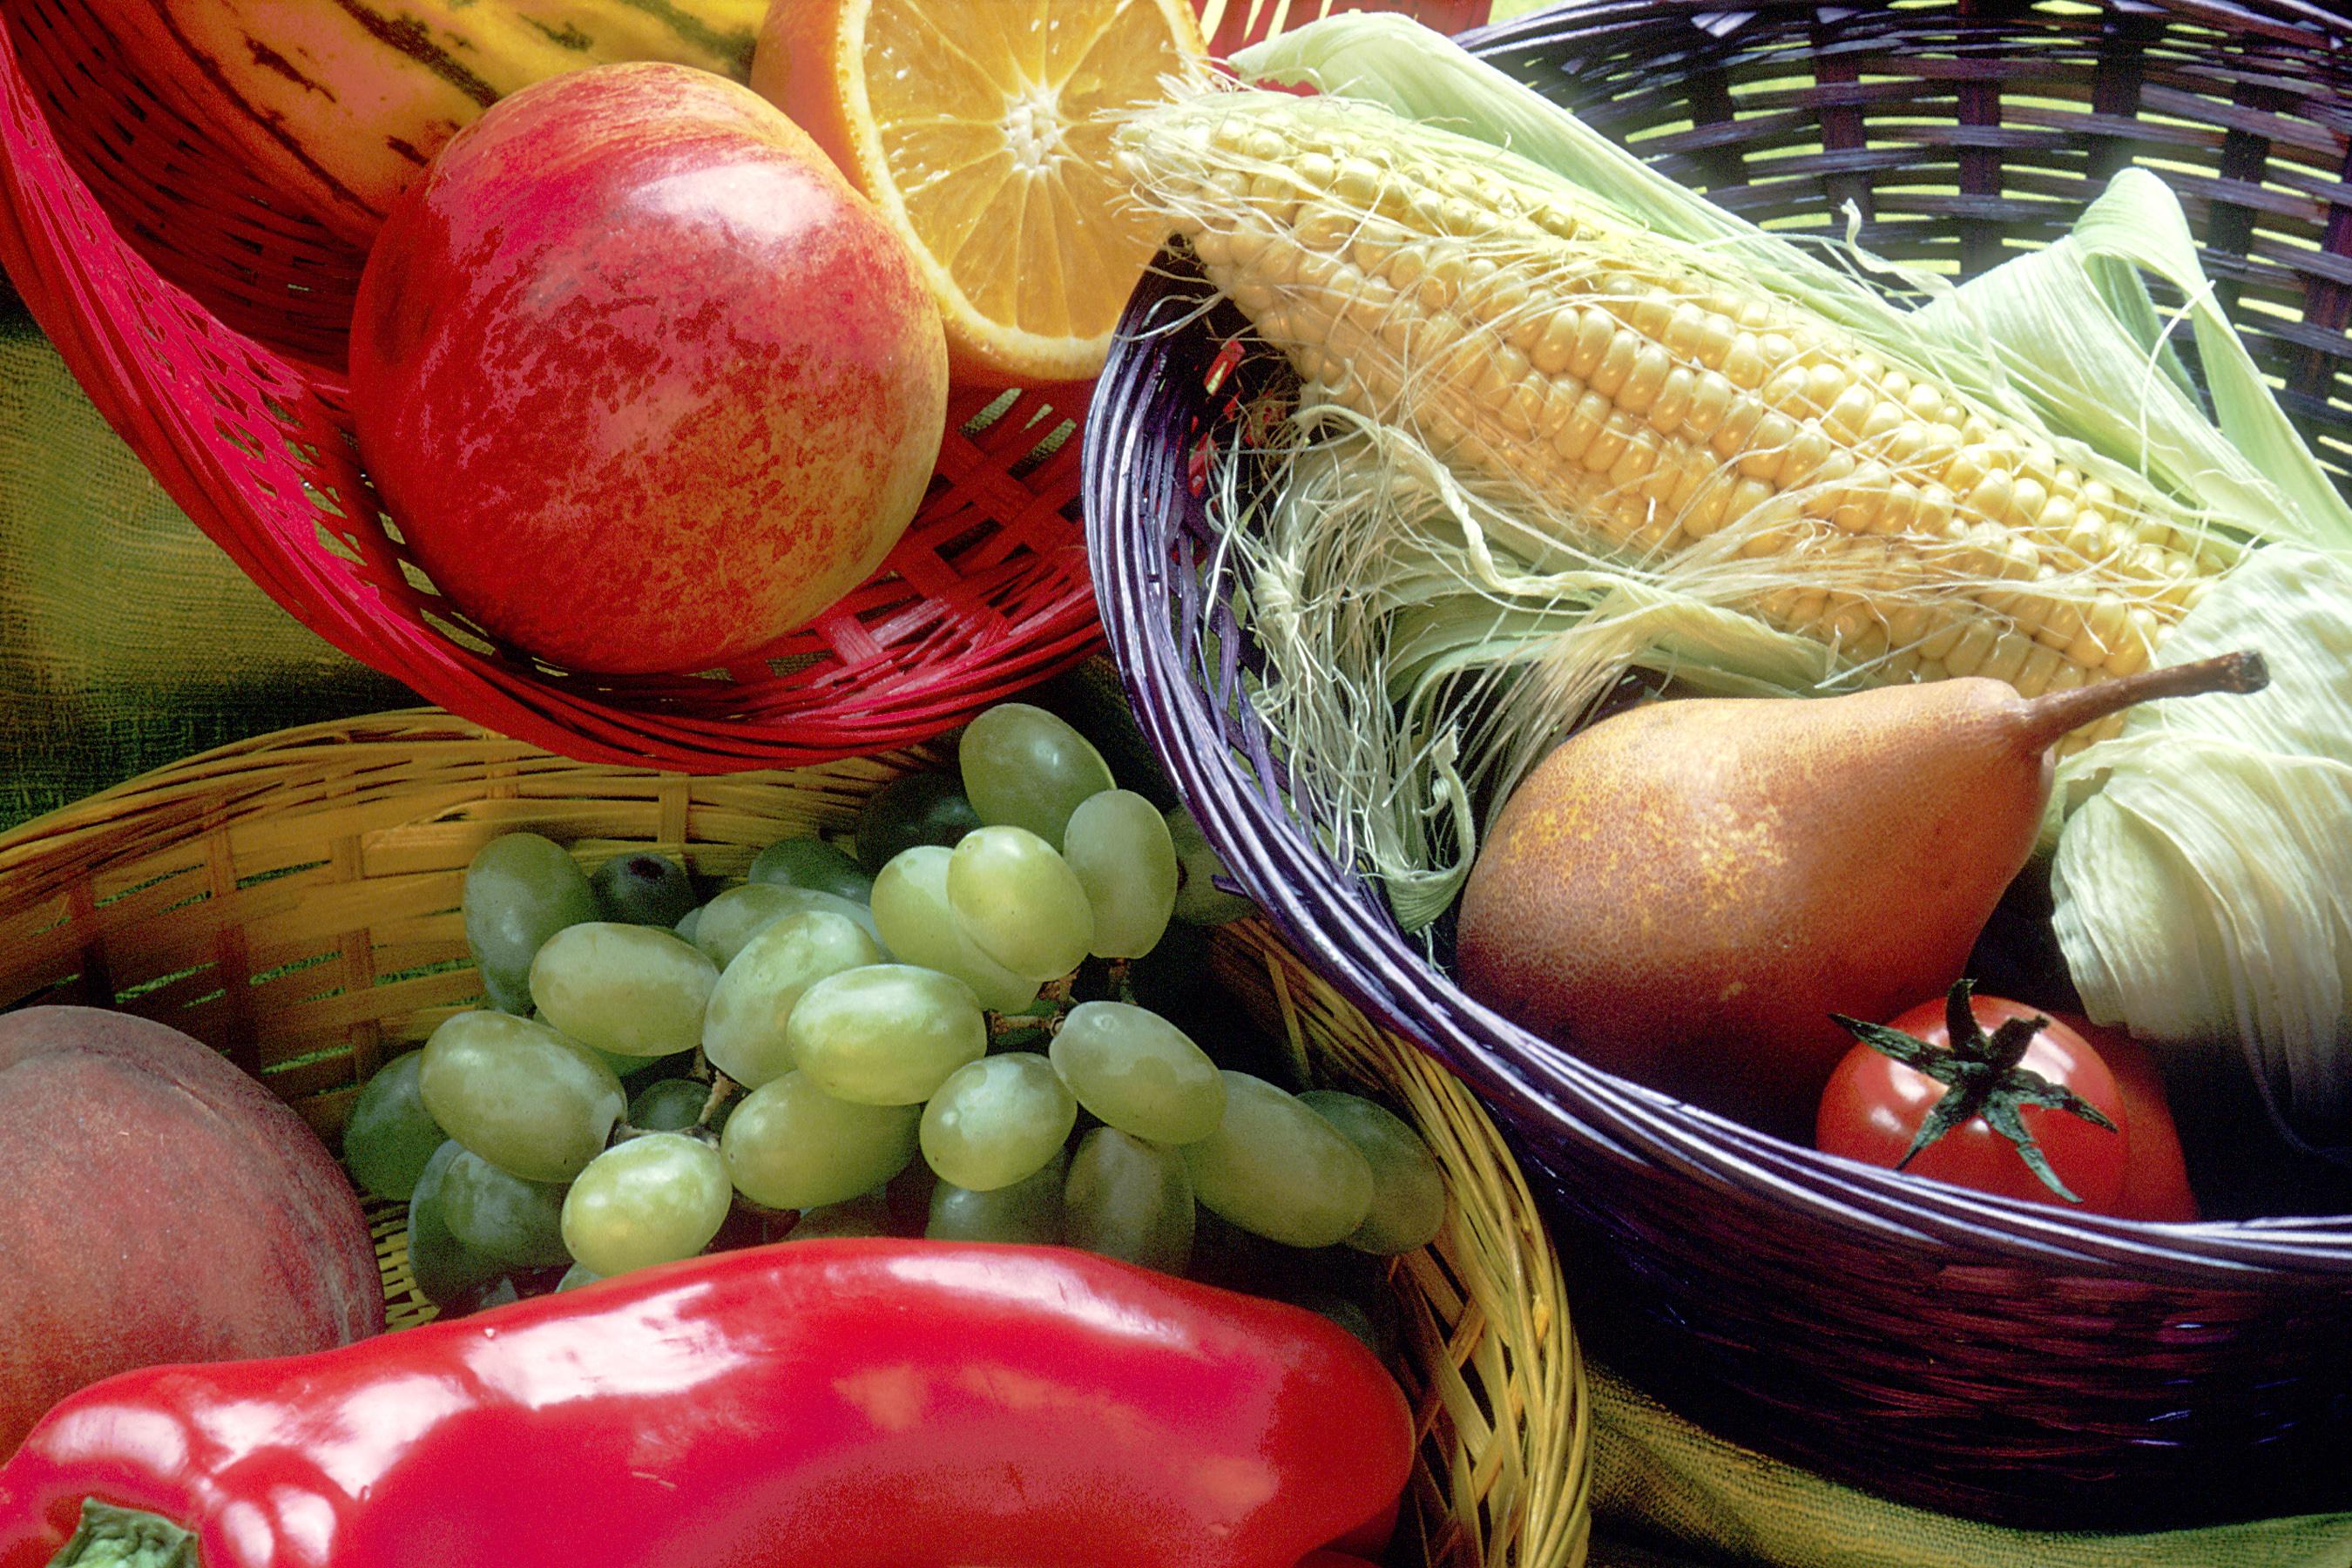 fruit_and_vegetables_basket.jpg